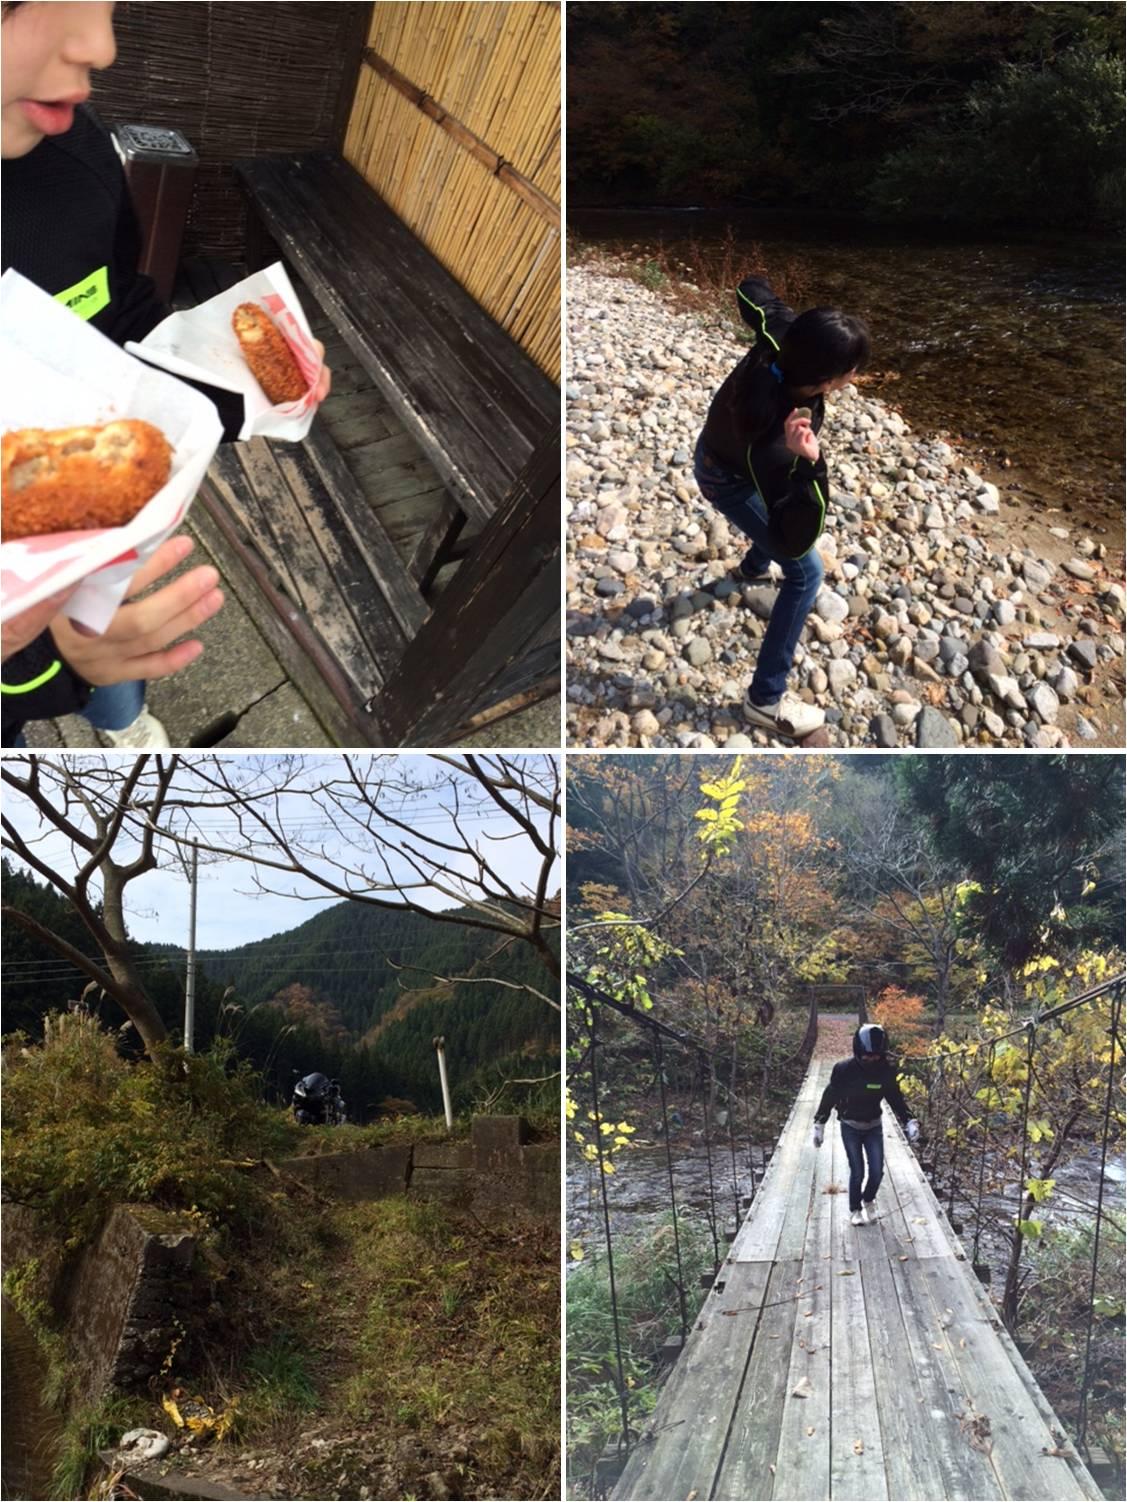 やま信の『コロッケとメンチカツ』、旧朝日村奥地の河原、ギシギシと軋む吊り橋